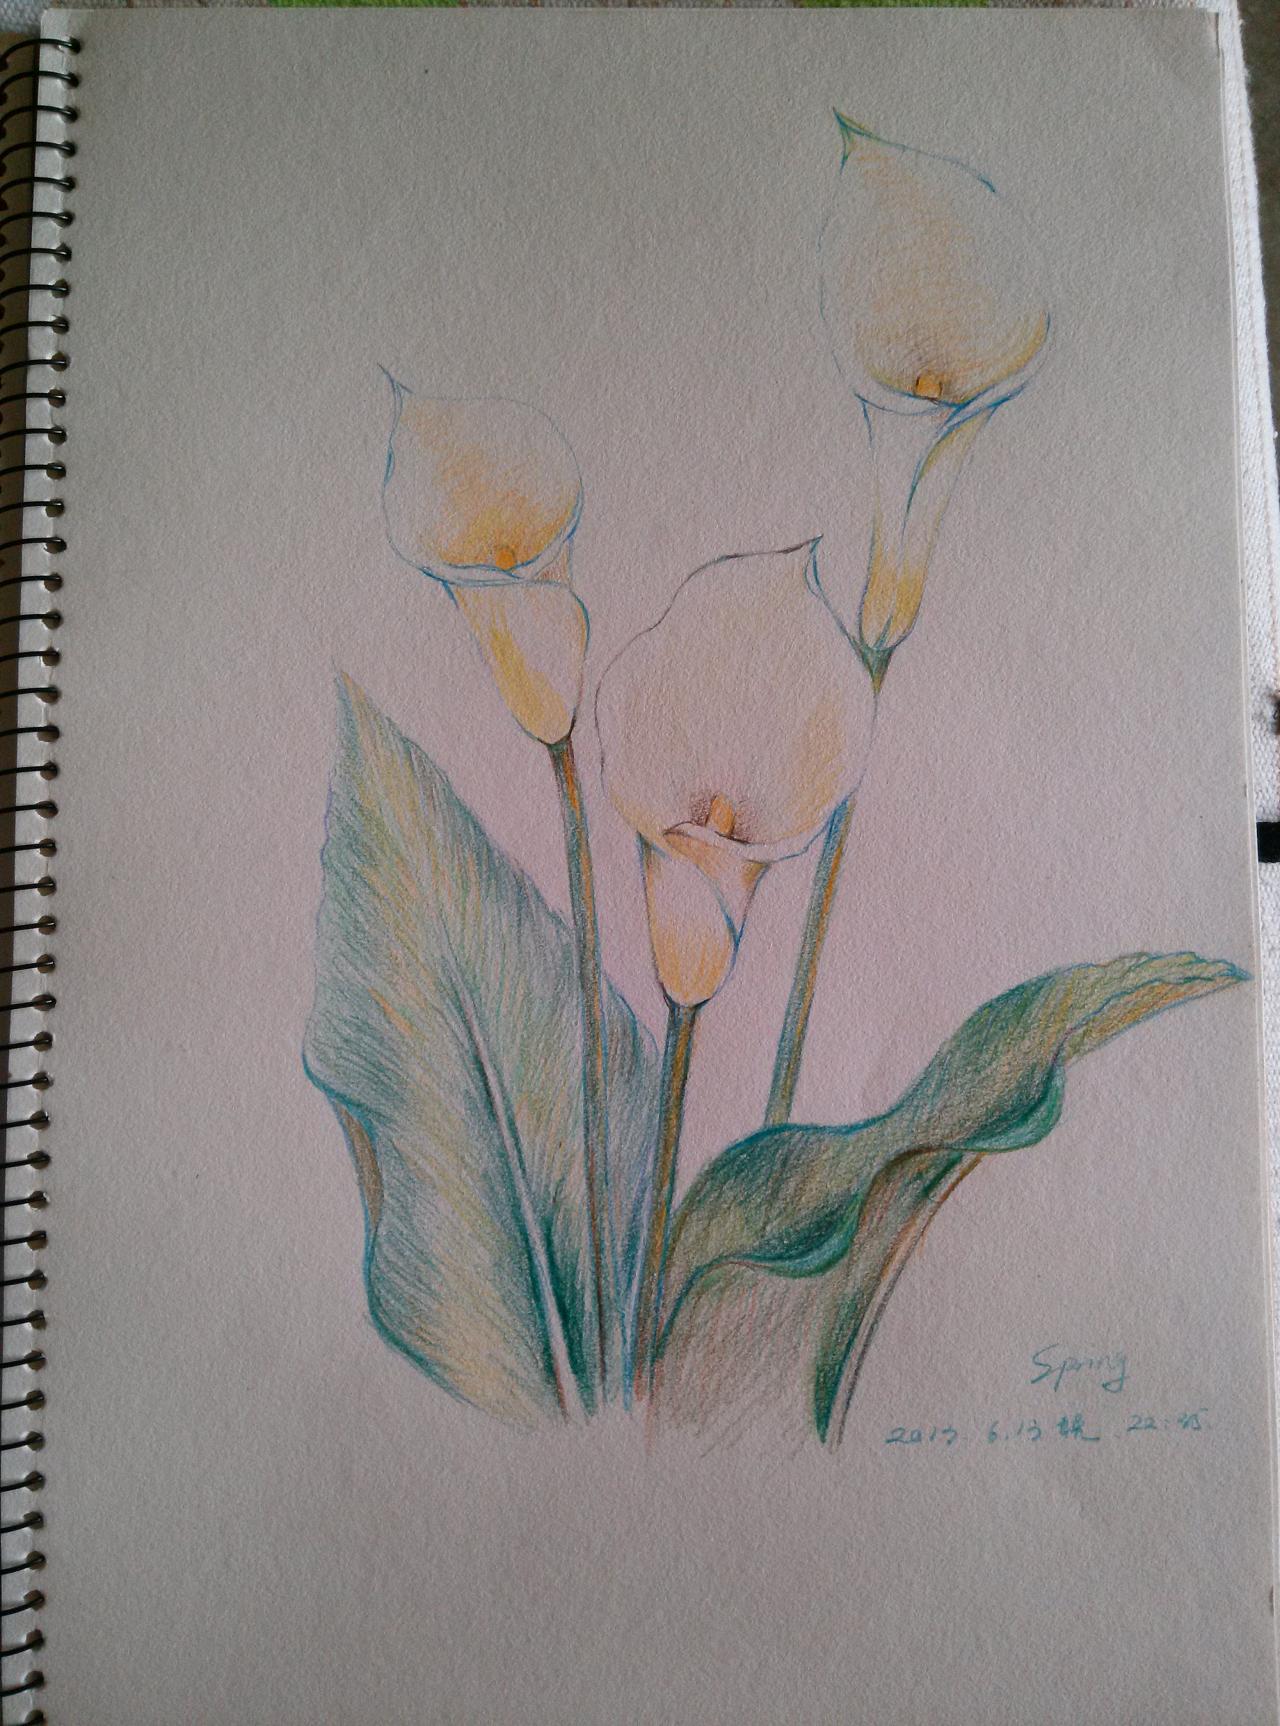 植物临摹2-水溶性彩铅|纯艺术|彩铅|mmspring图片